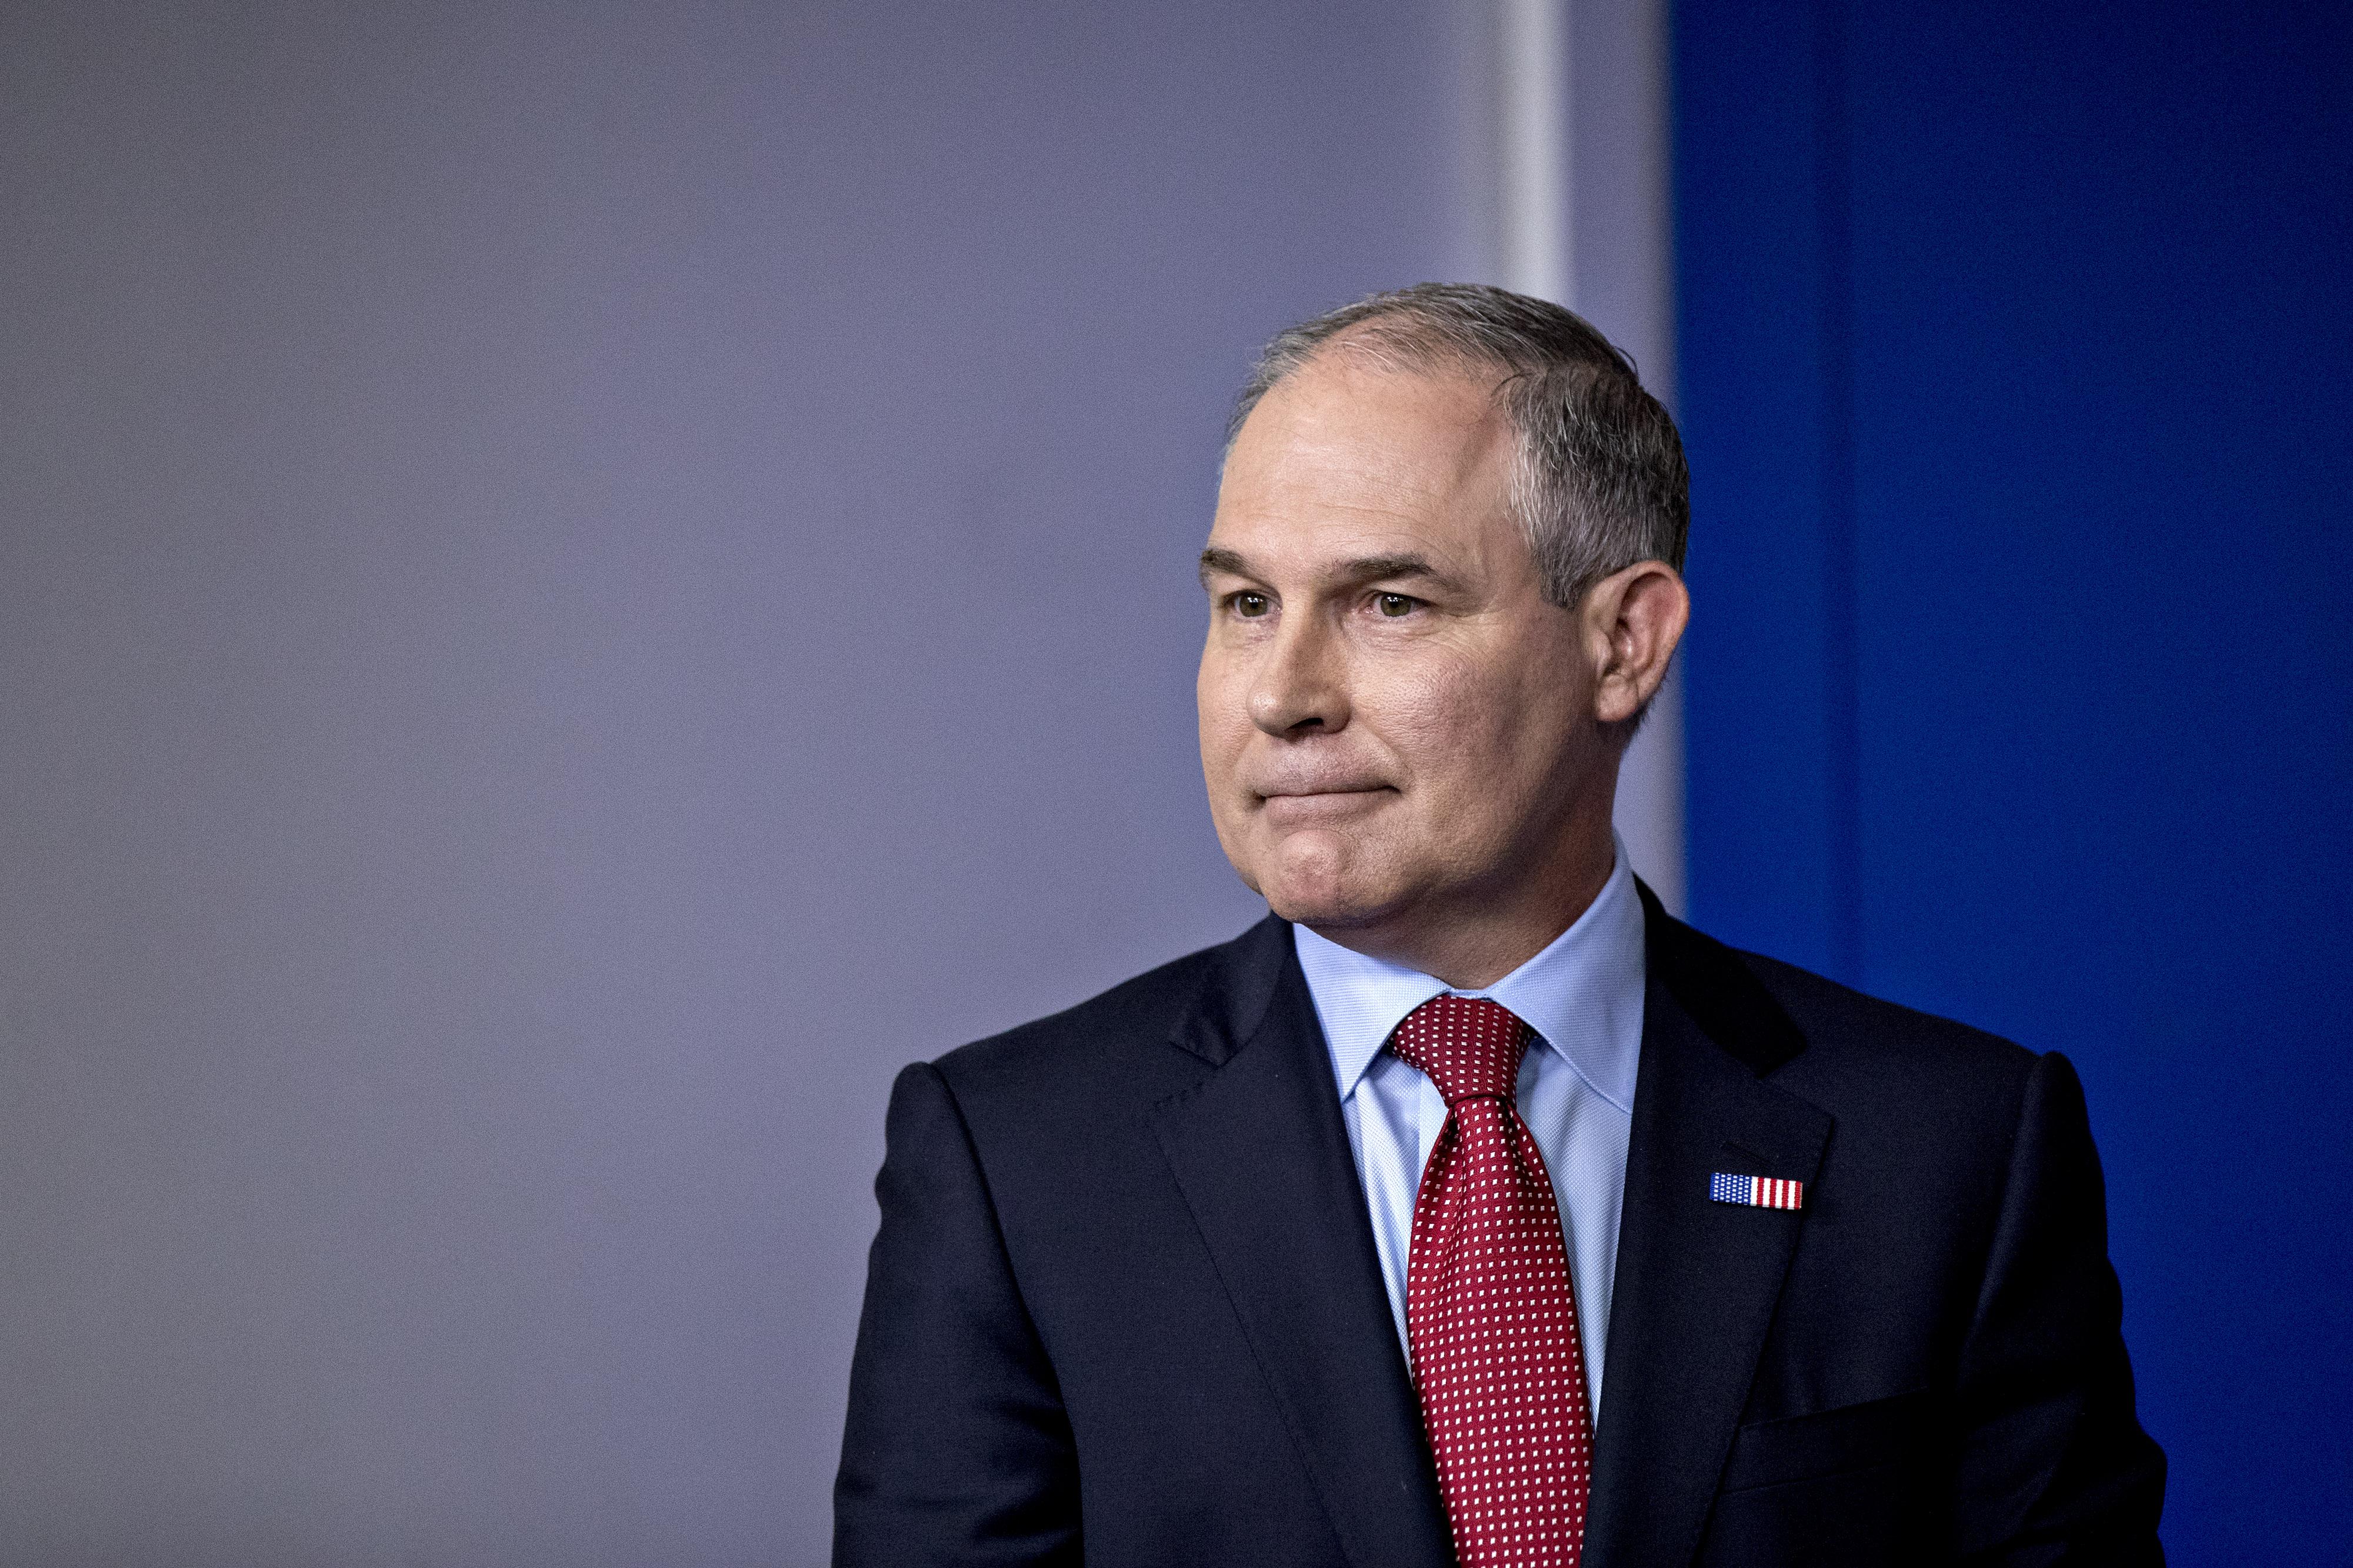 Escracharon a ministro de ambiente de EE. UU. en un restaurante